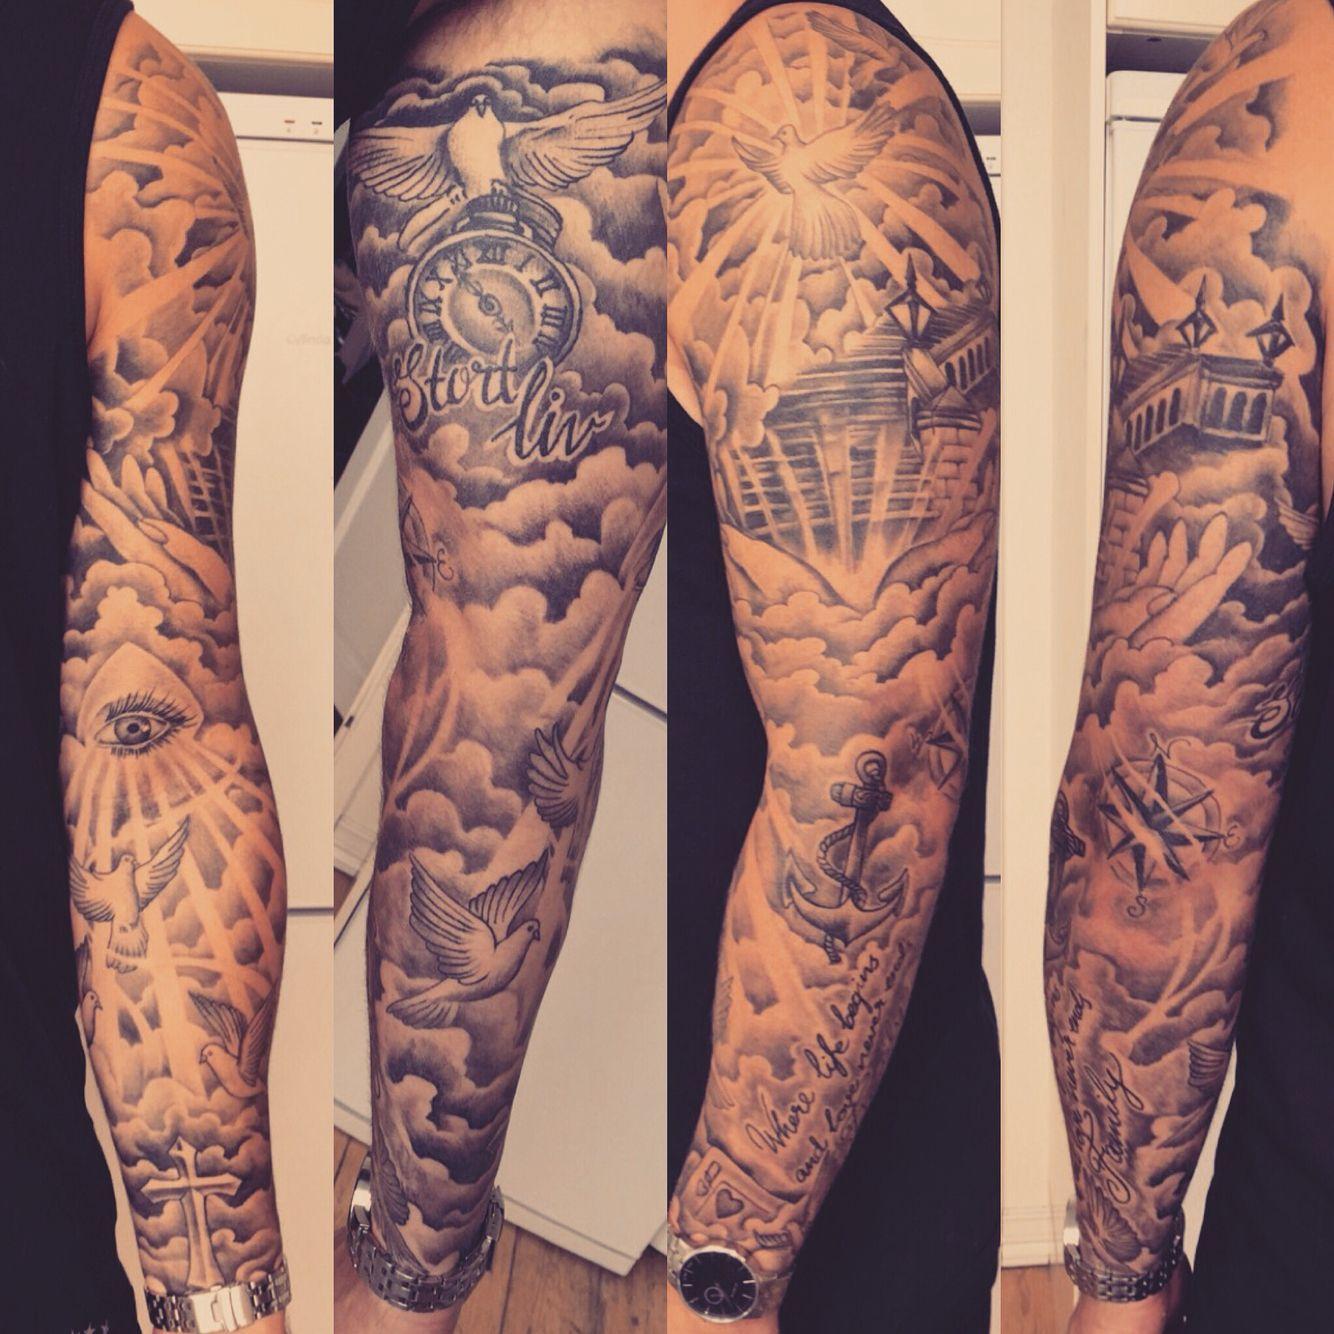 Tattoo Ideen Kompletter Arm Ideen Kompletter Tattoo Tattooideen